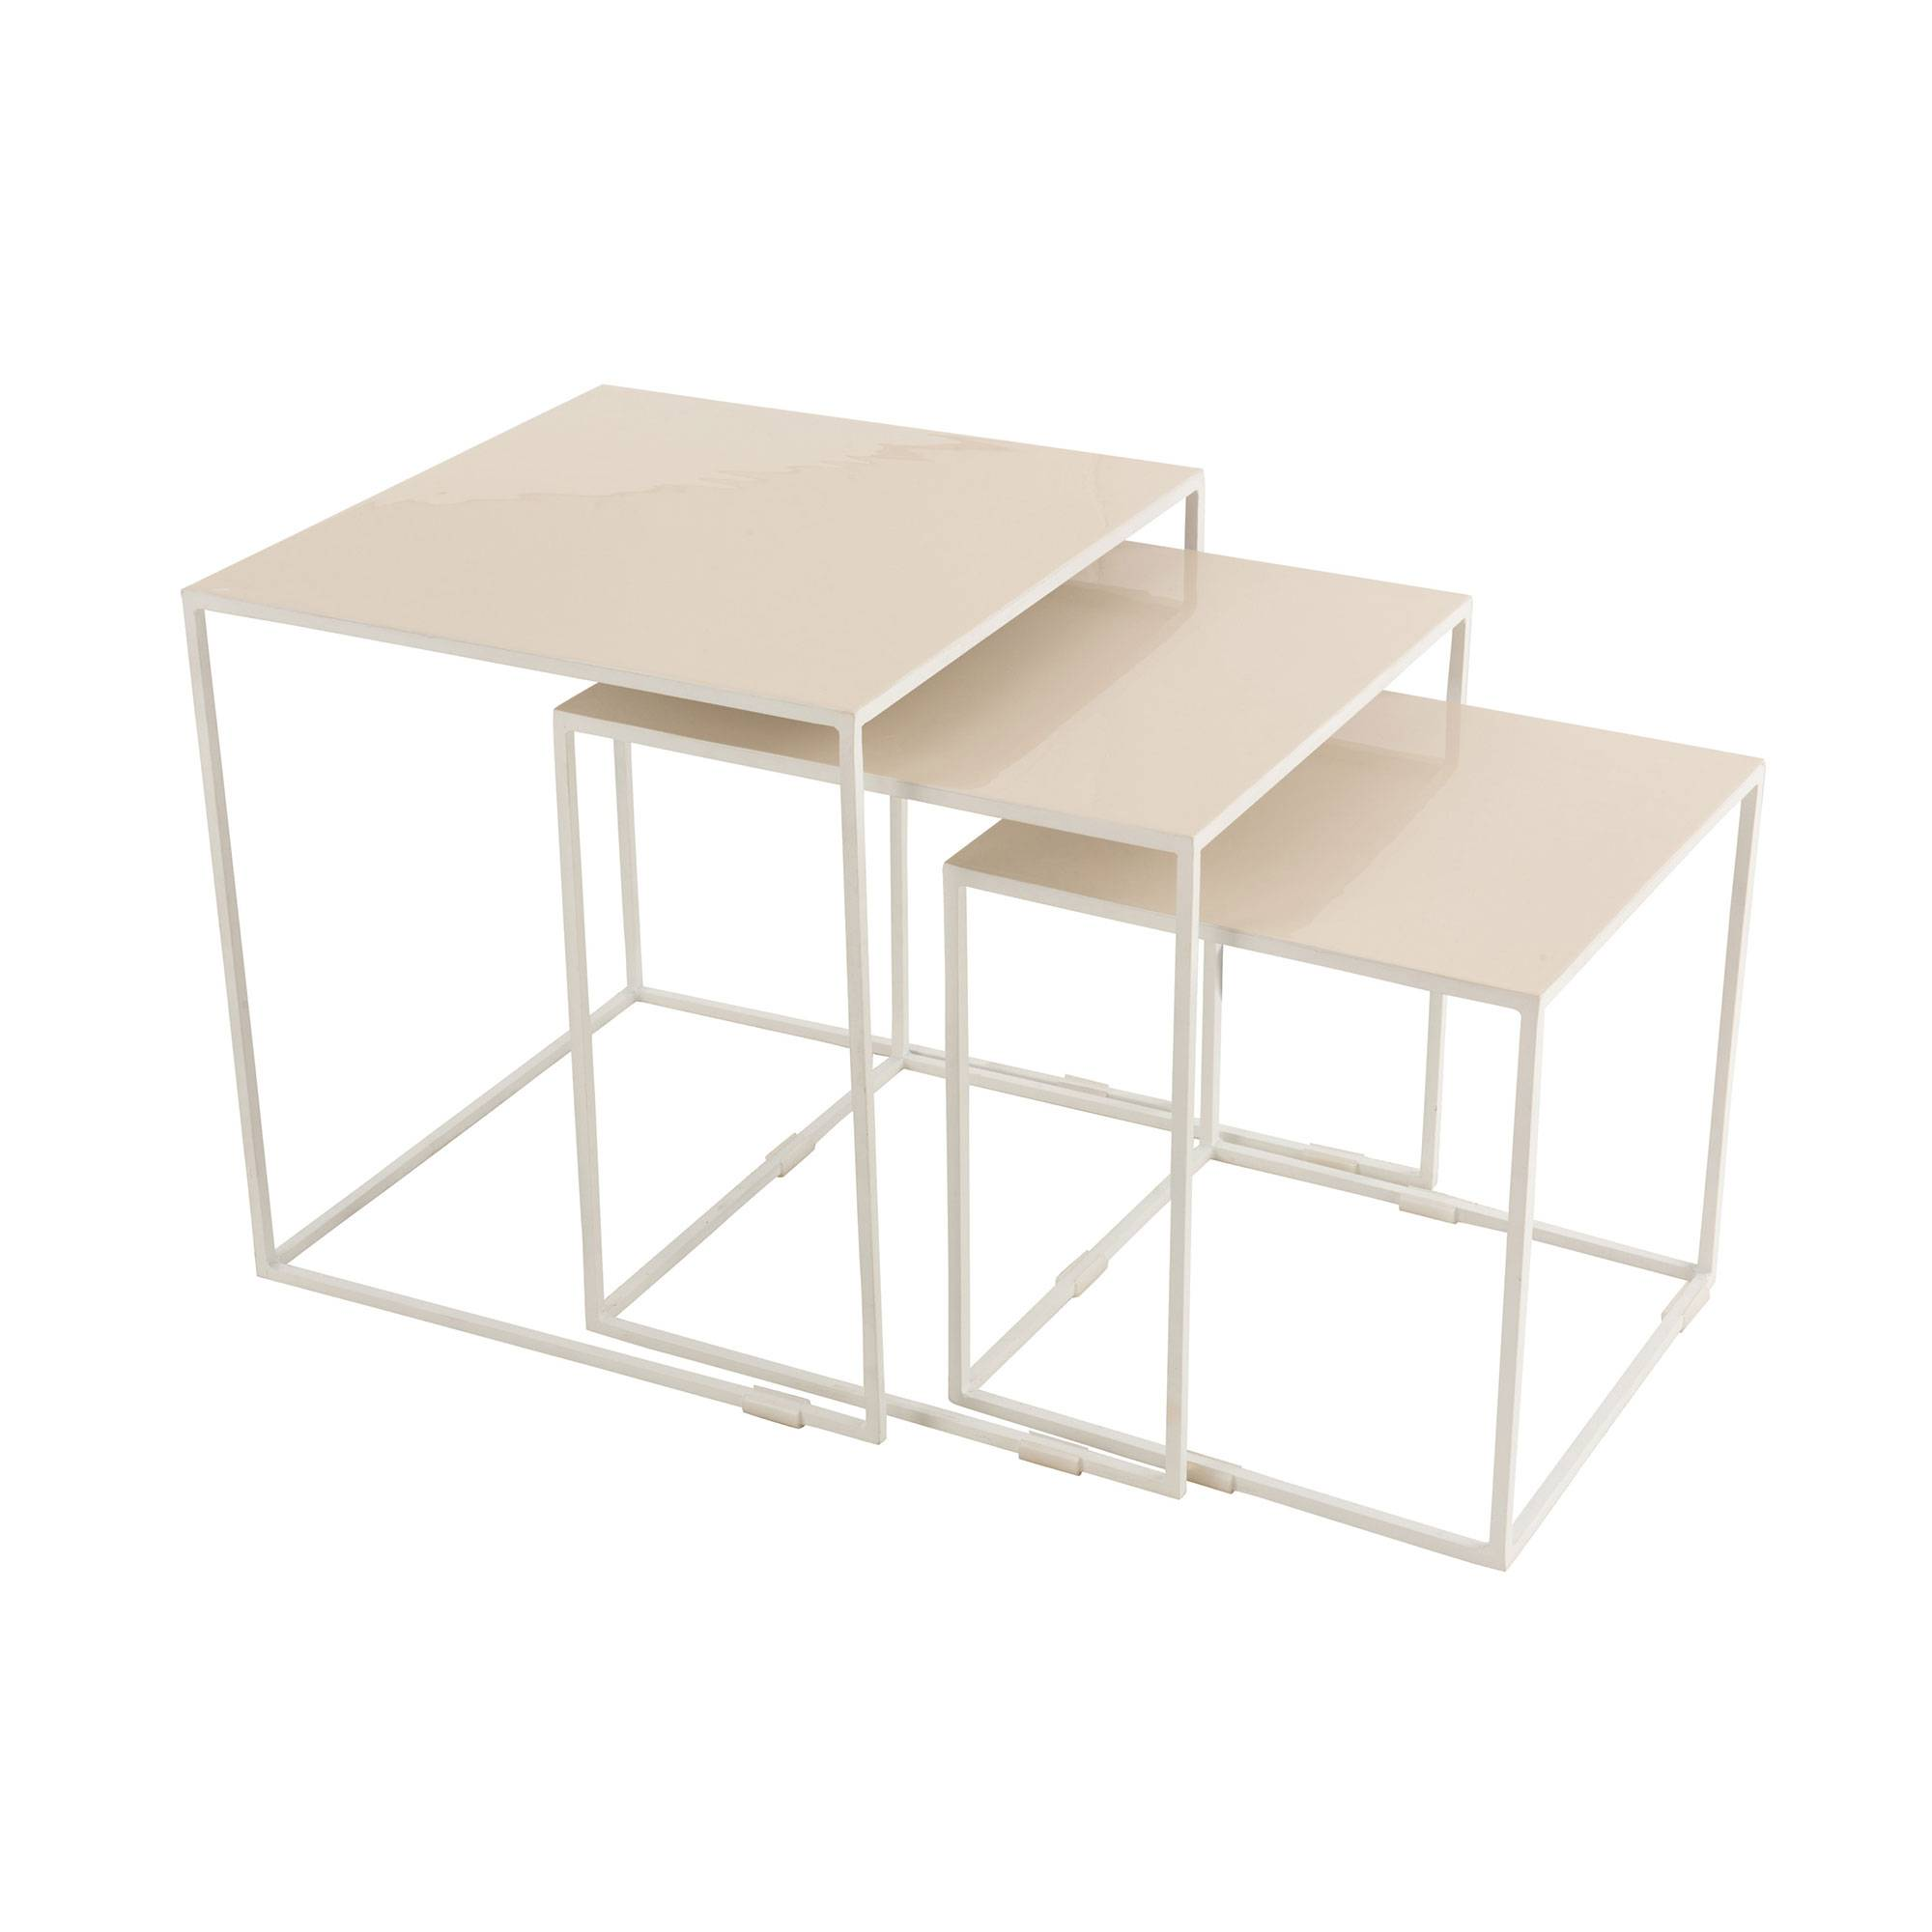 Lot de 3 tables gigognes 45, 40 et 35 cm en métal laqué beige